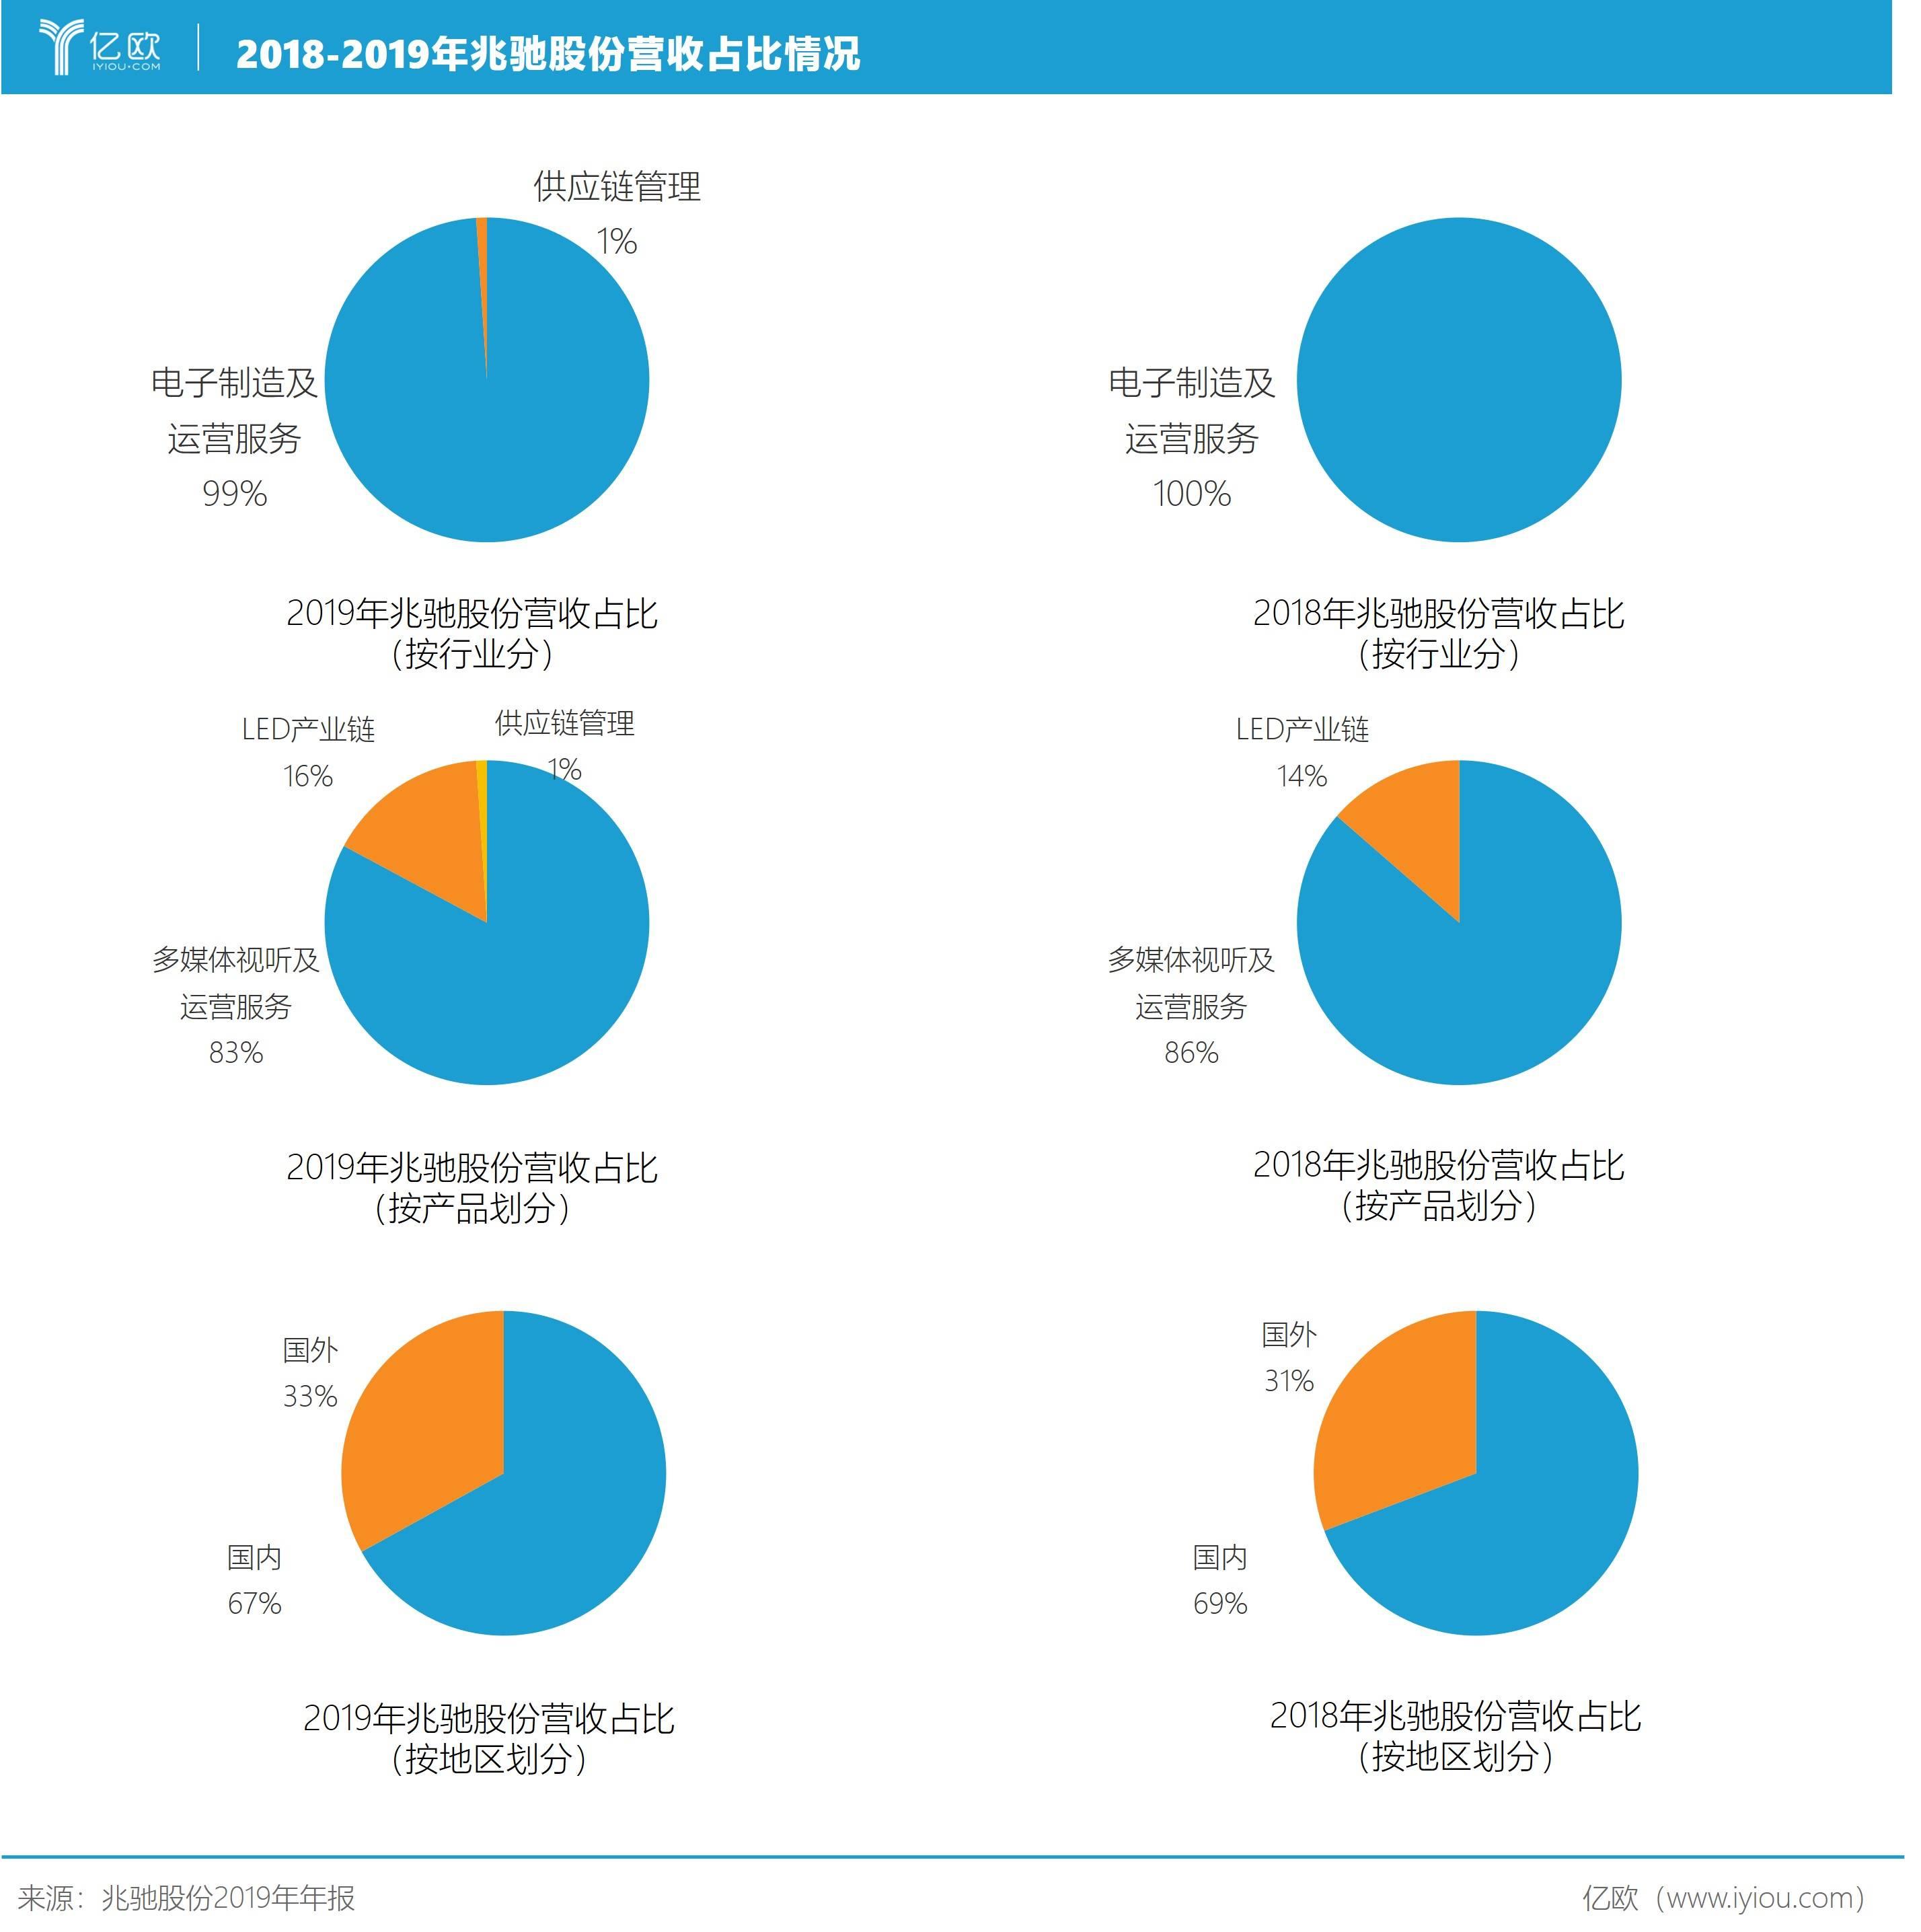 图4:2018-2019年兆驰股份营收占比情况